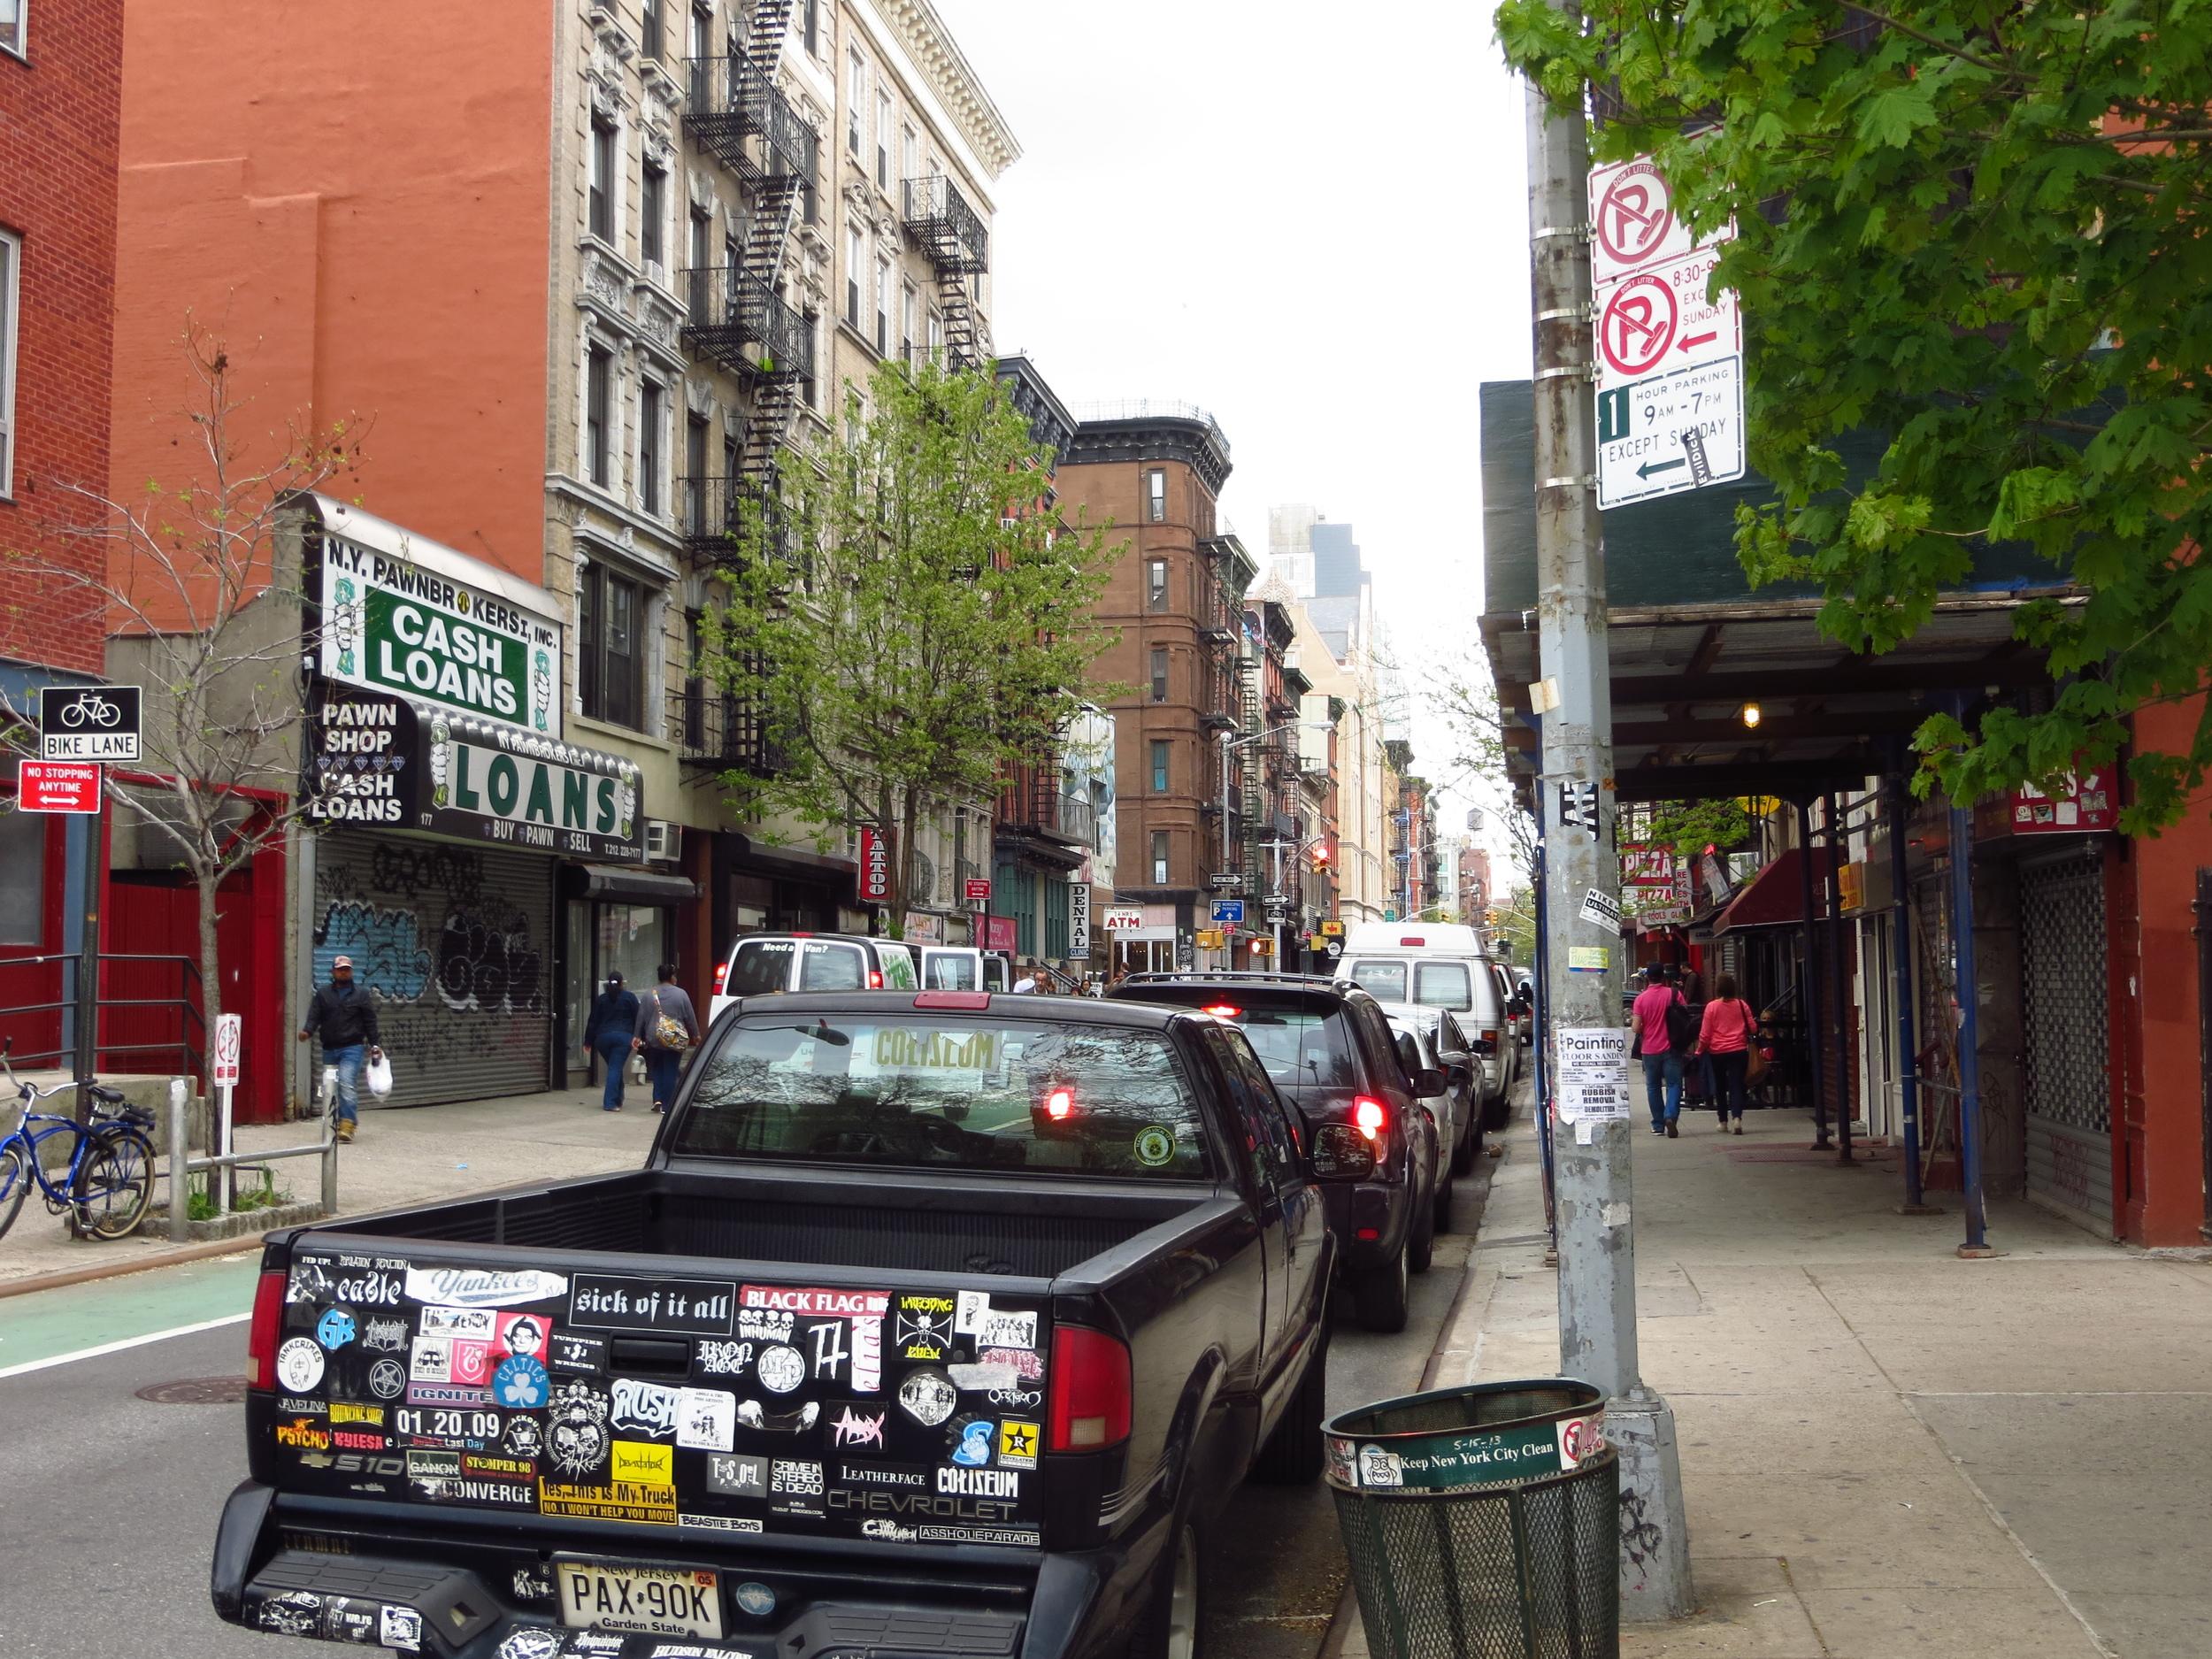 Lower East Side street #2